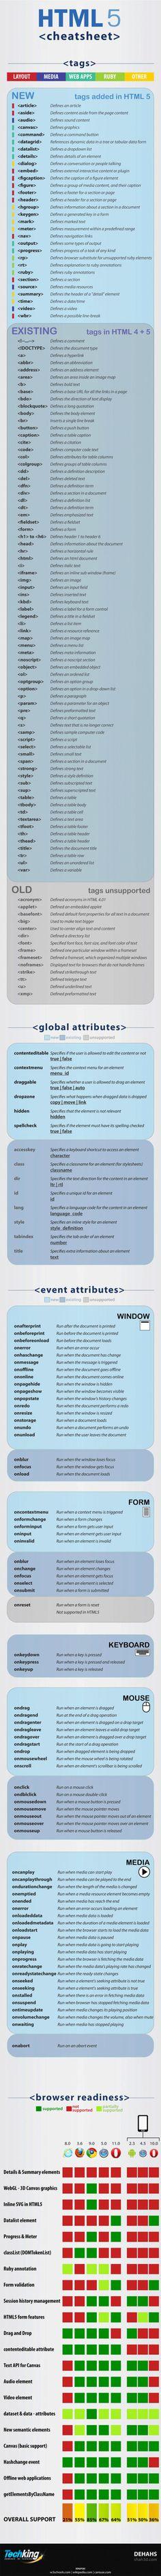 HTML 5 Cheat Sheet - UltraLinx